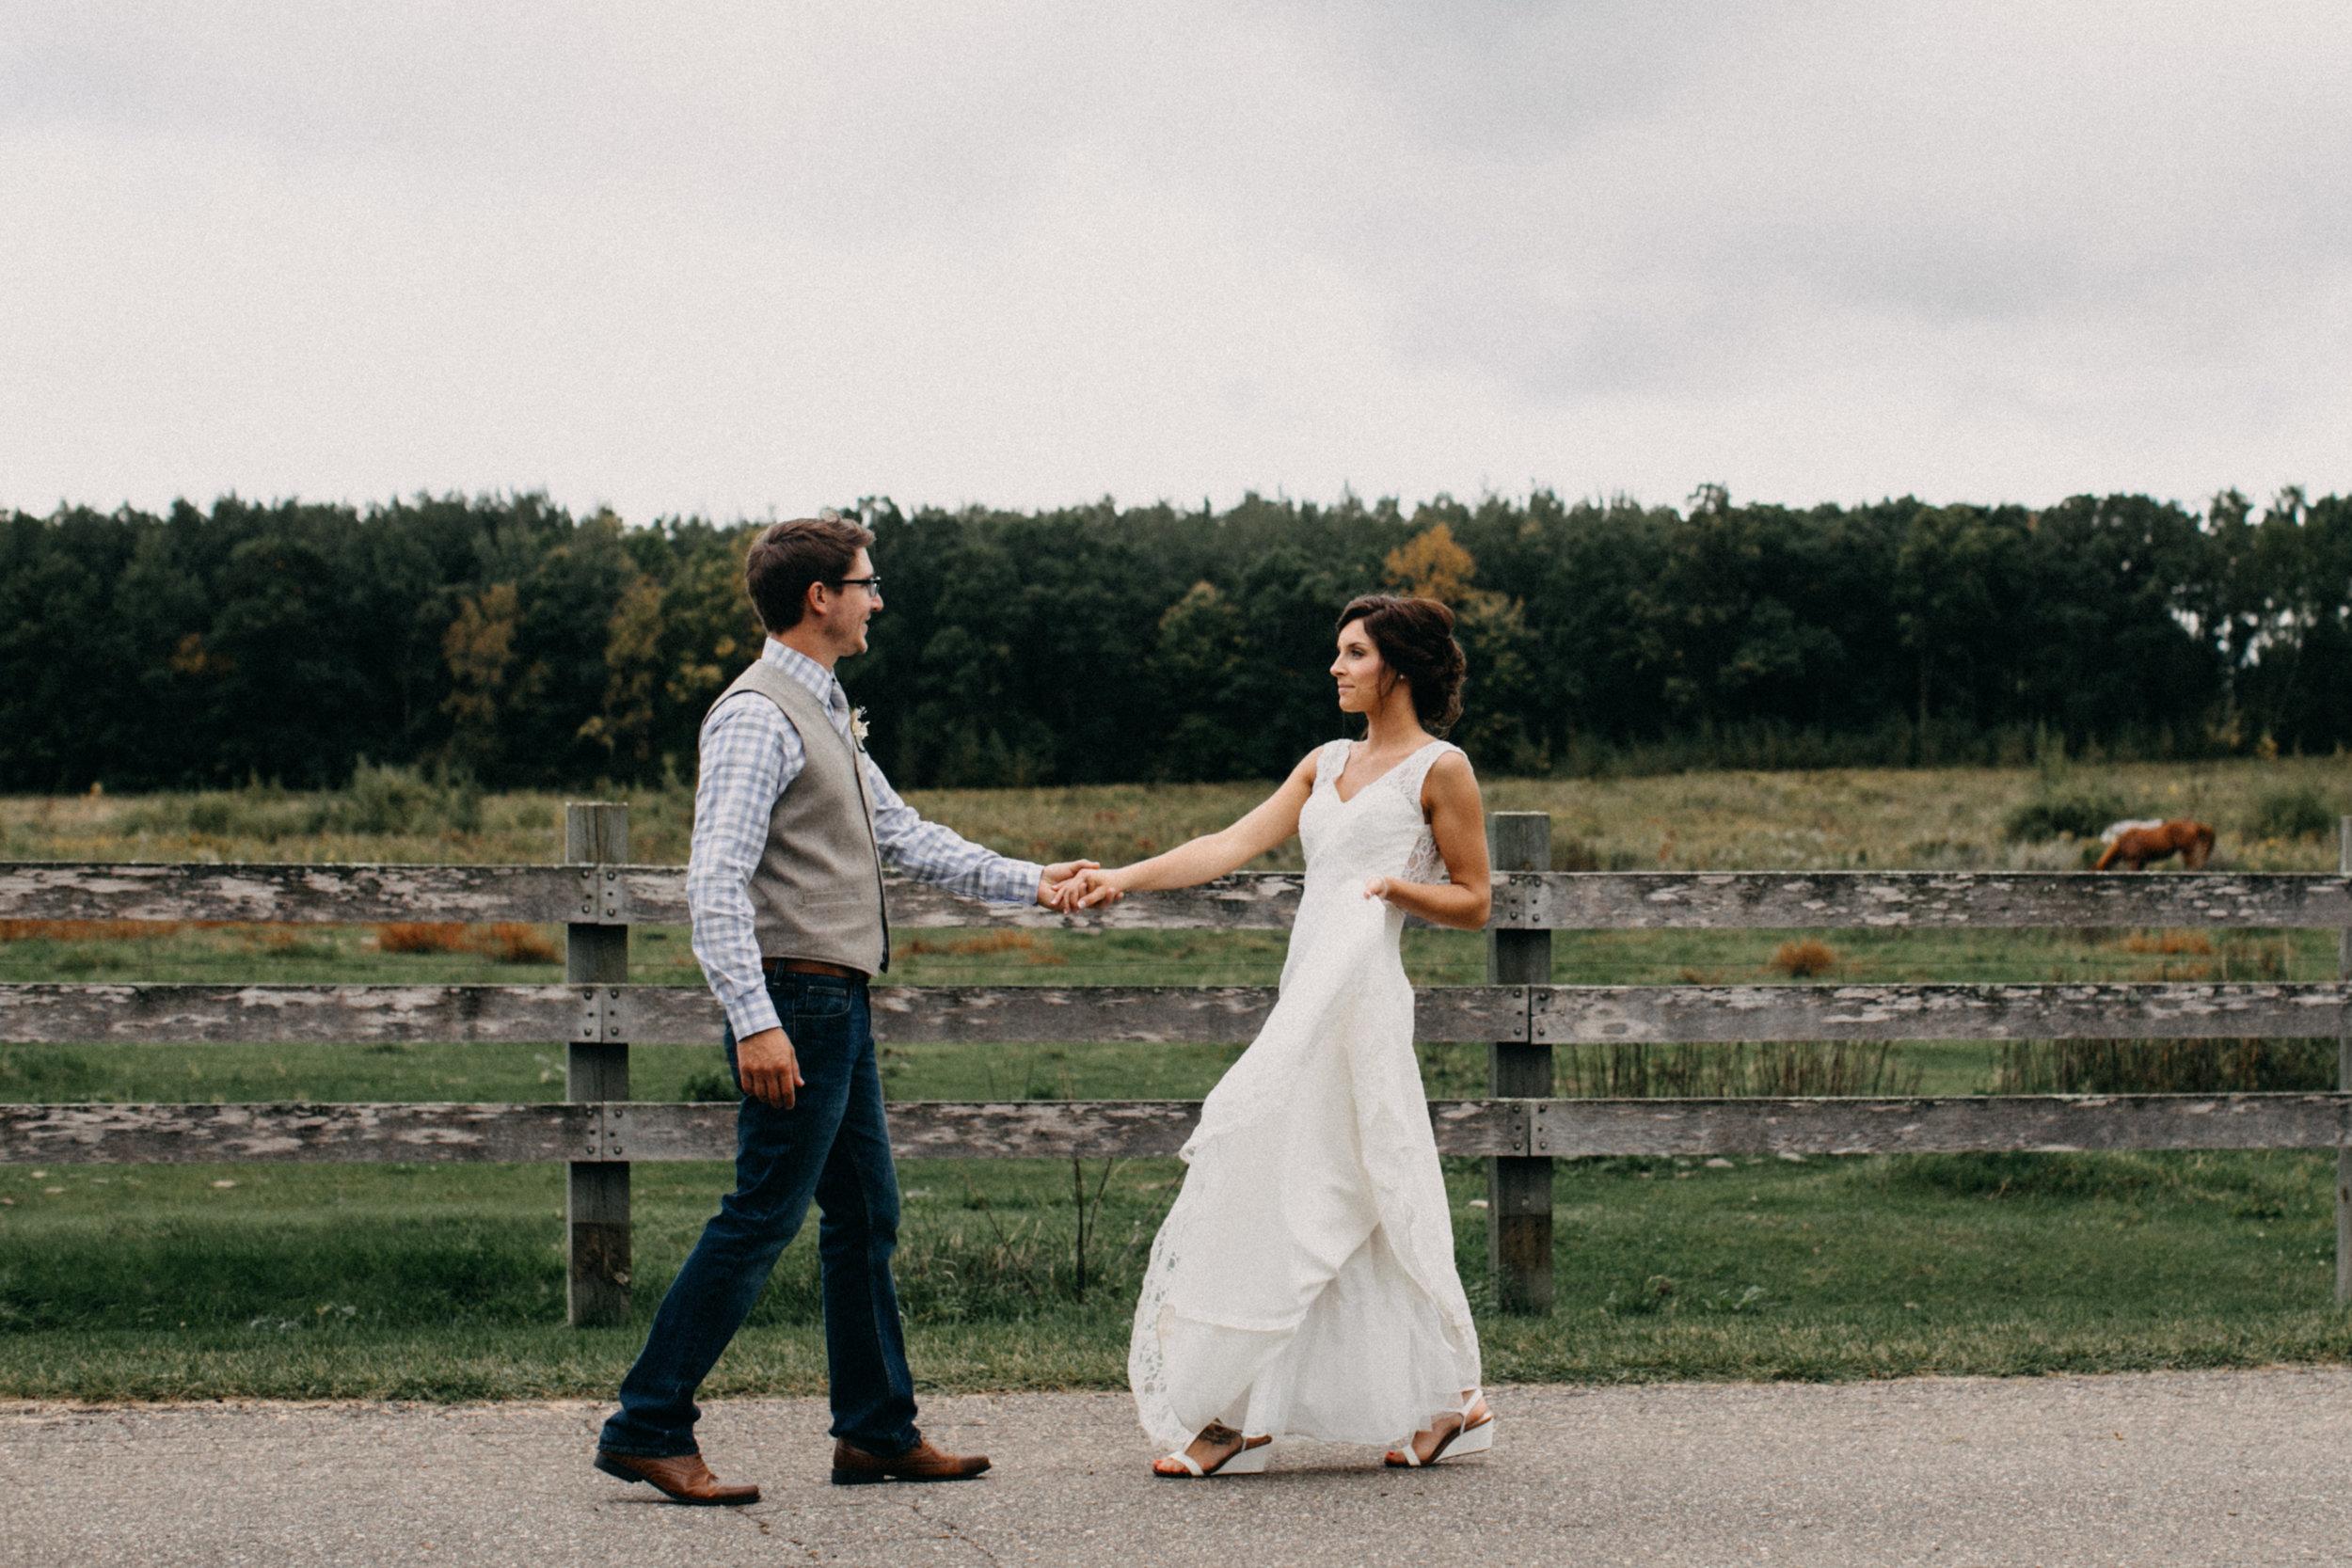 Outdoor barn wedding in Brainerd Minnesota